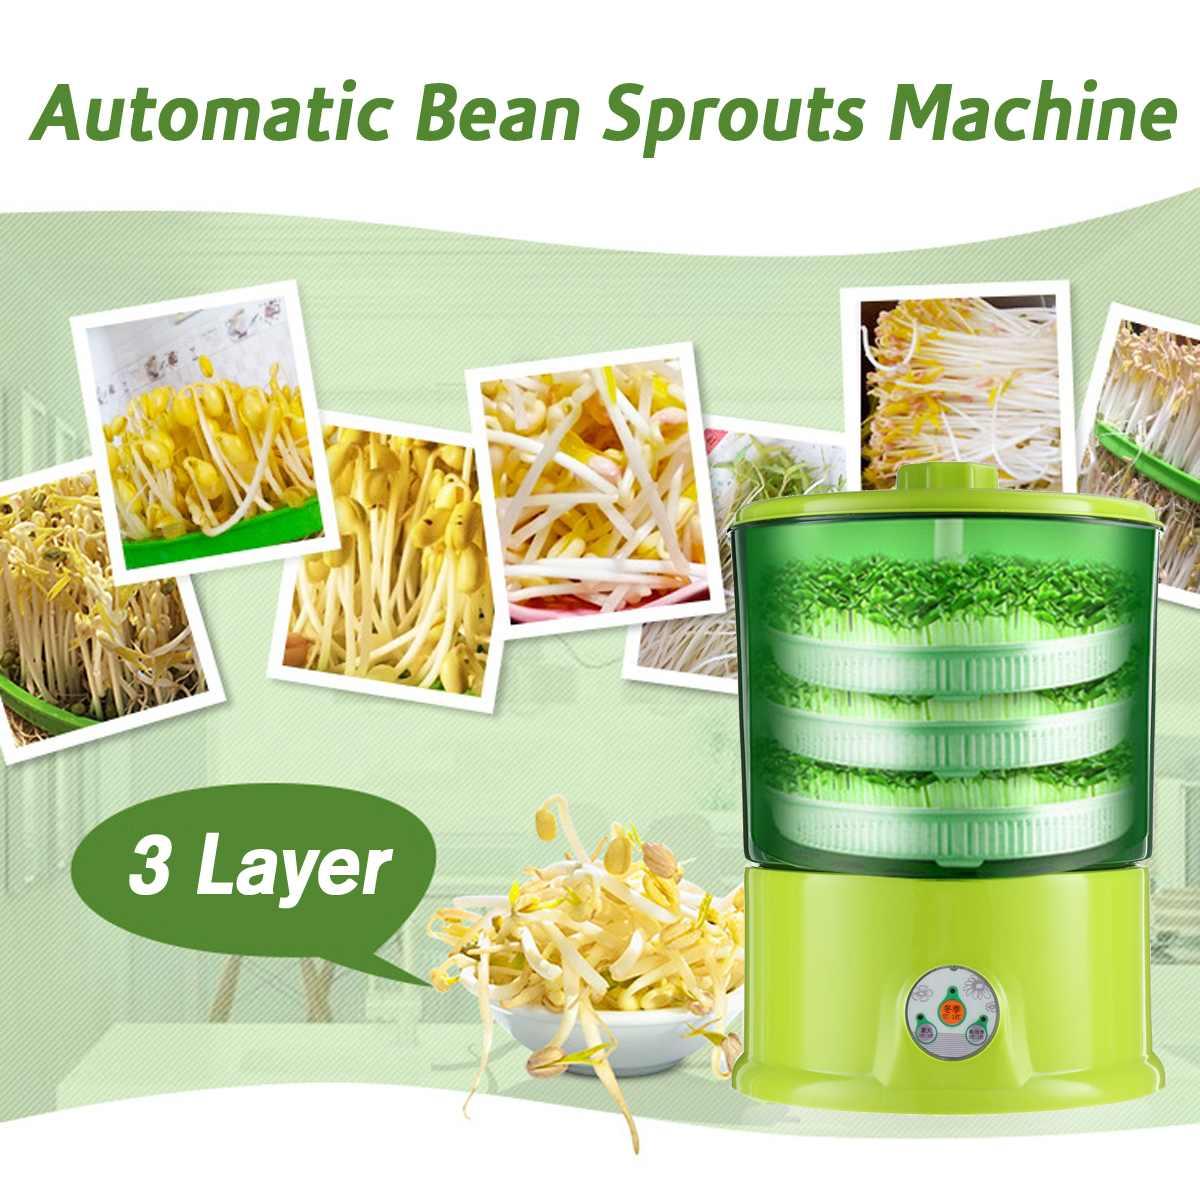 Аппарат для домашнего использования, трехслойный термостат для выращивания зеленых семян, автоматическая машина для розлива бобов, больша...